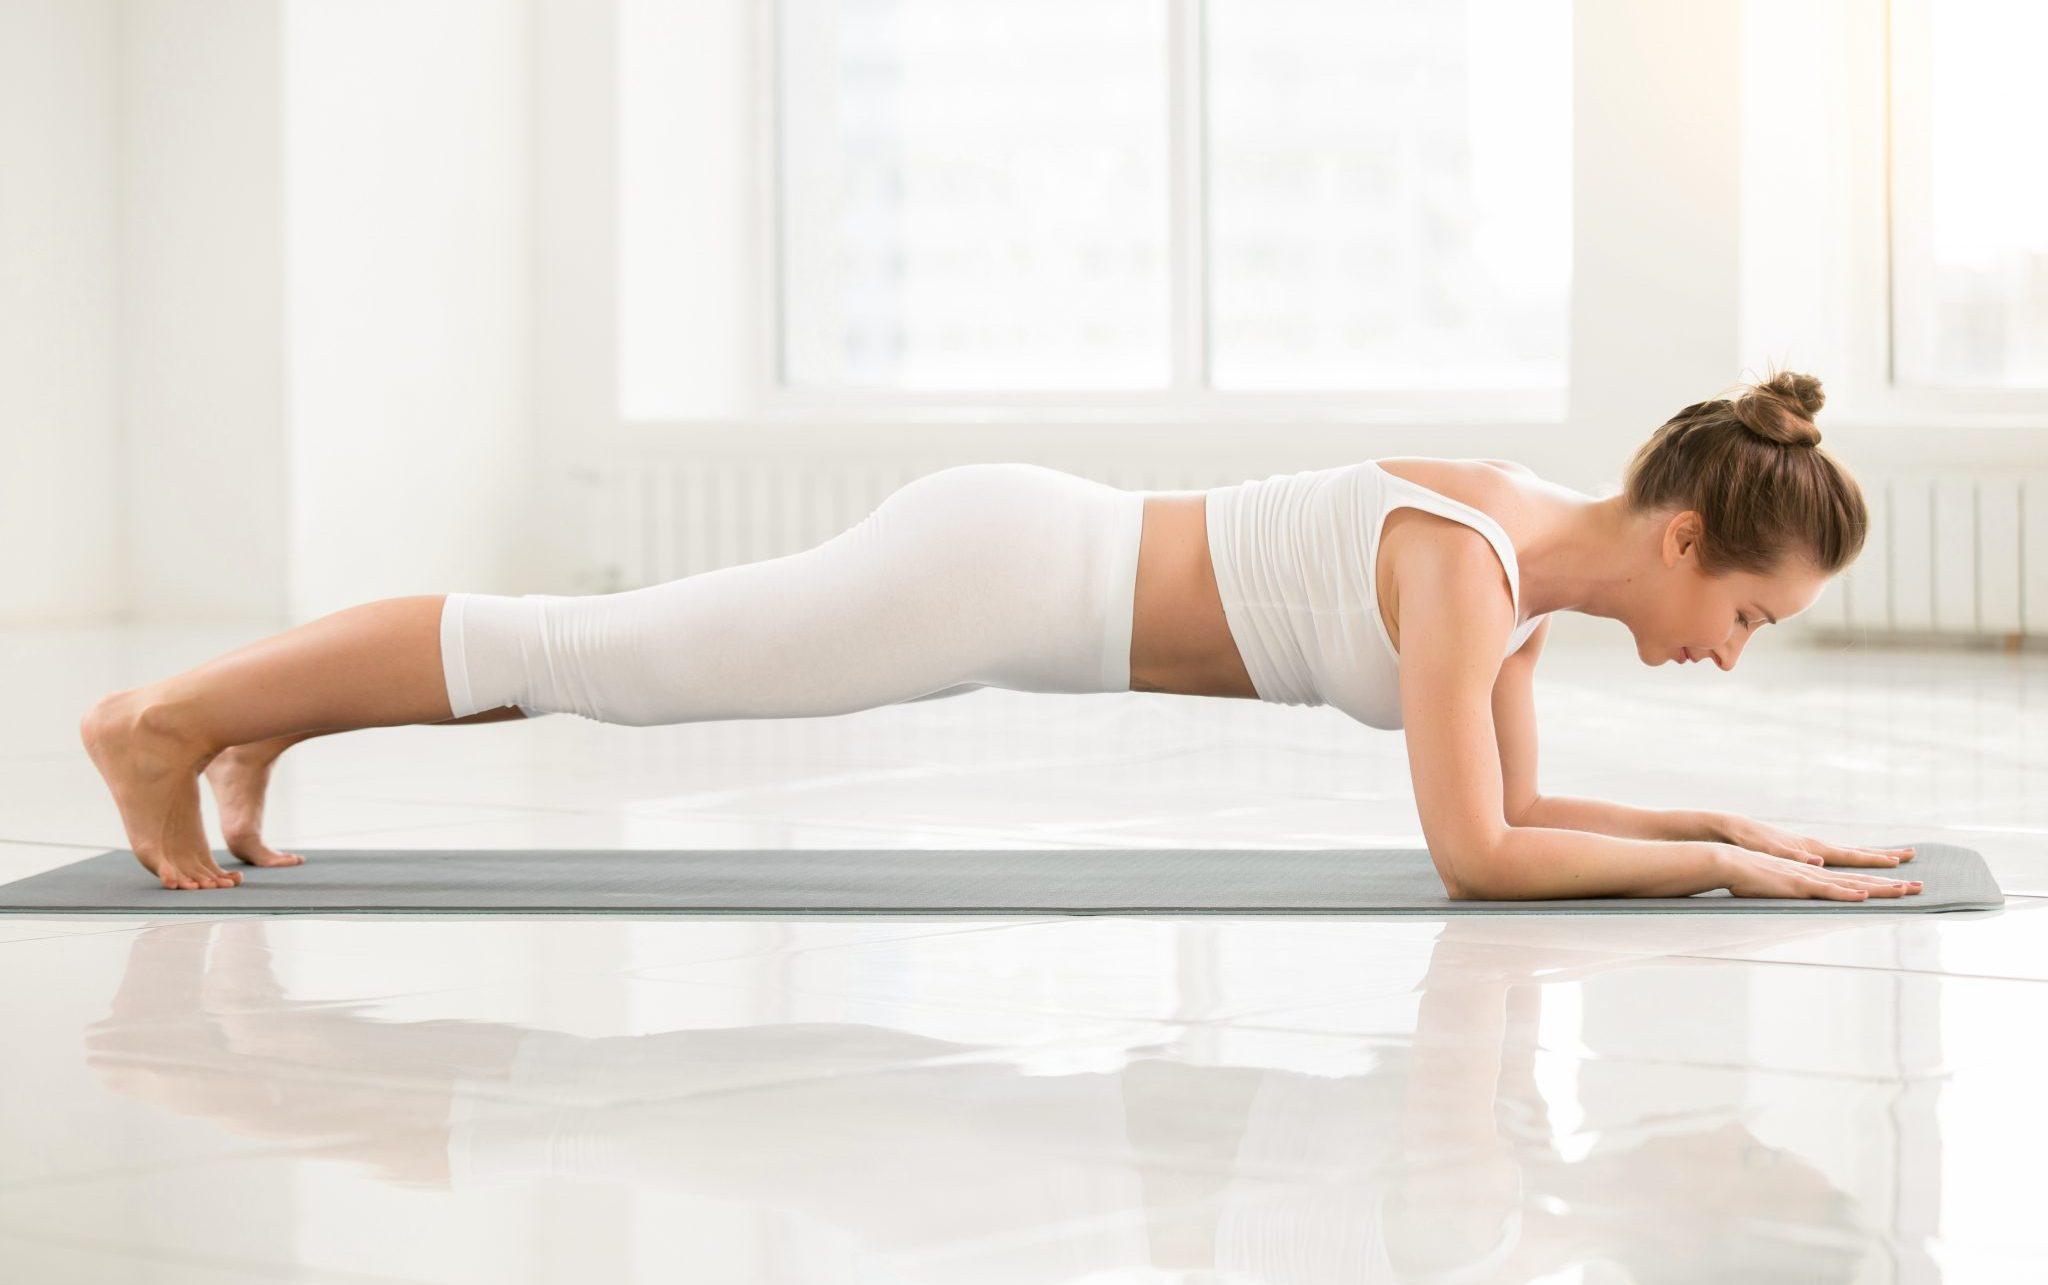 girl doing plank